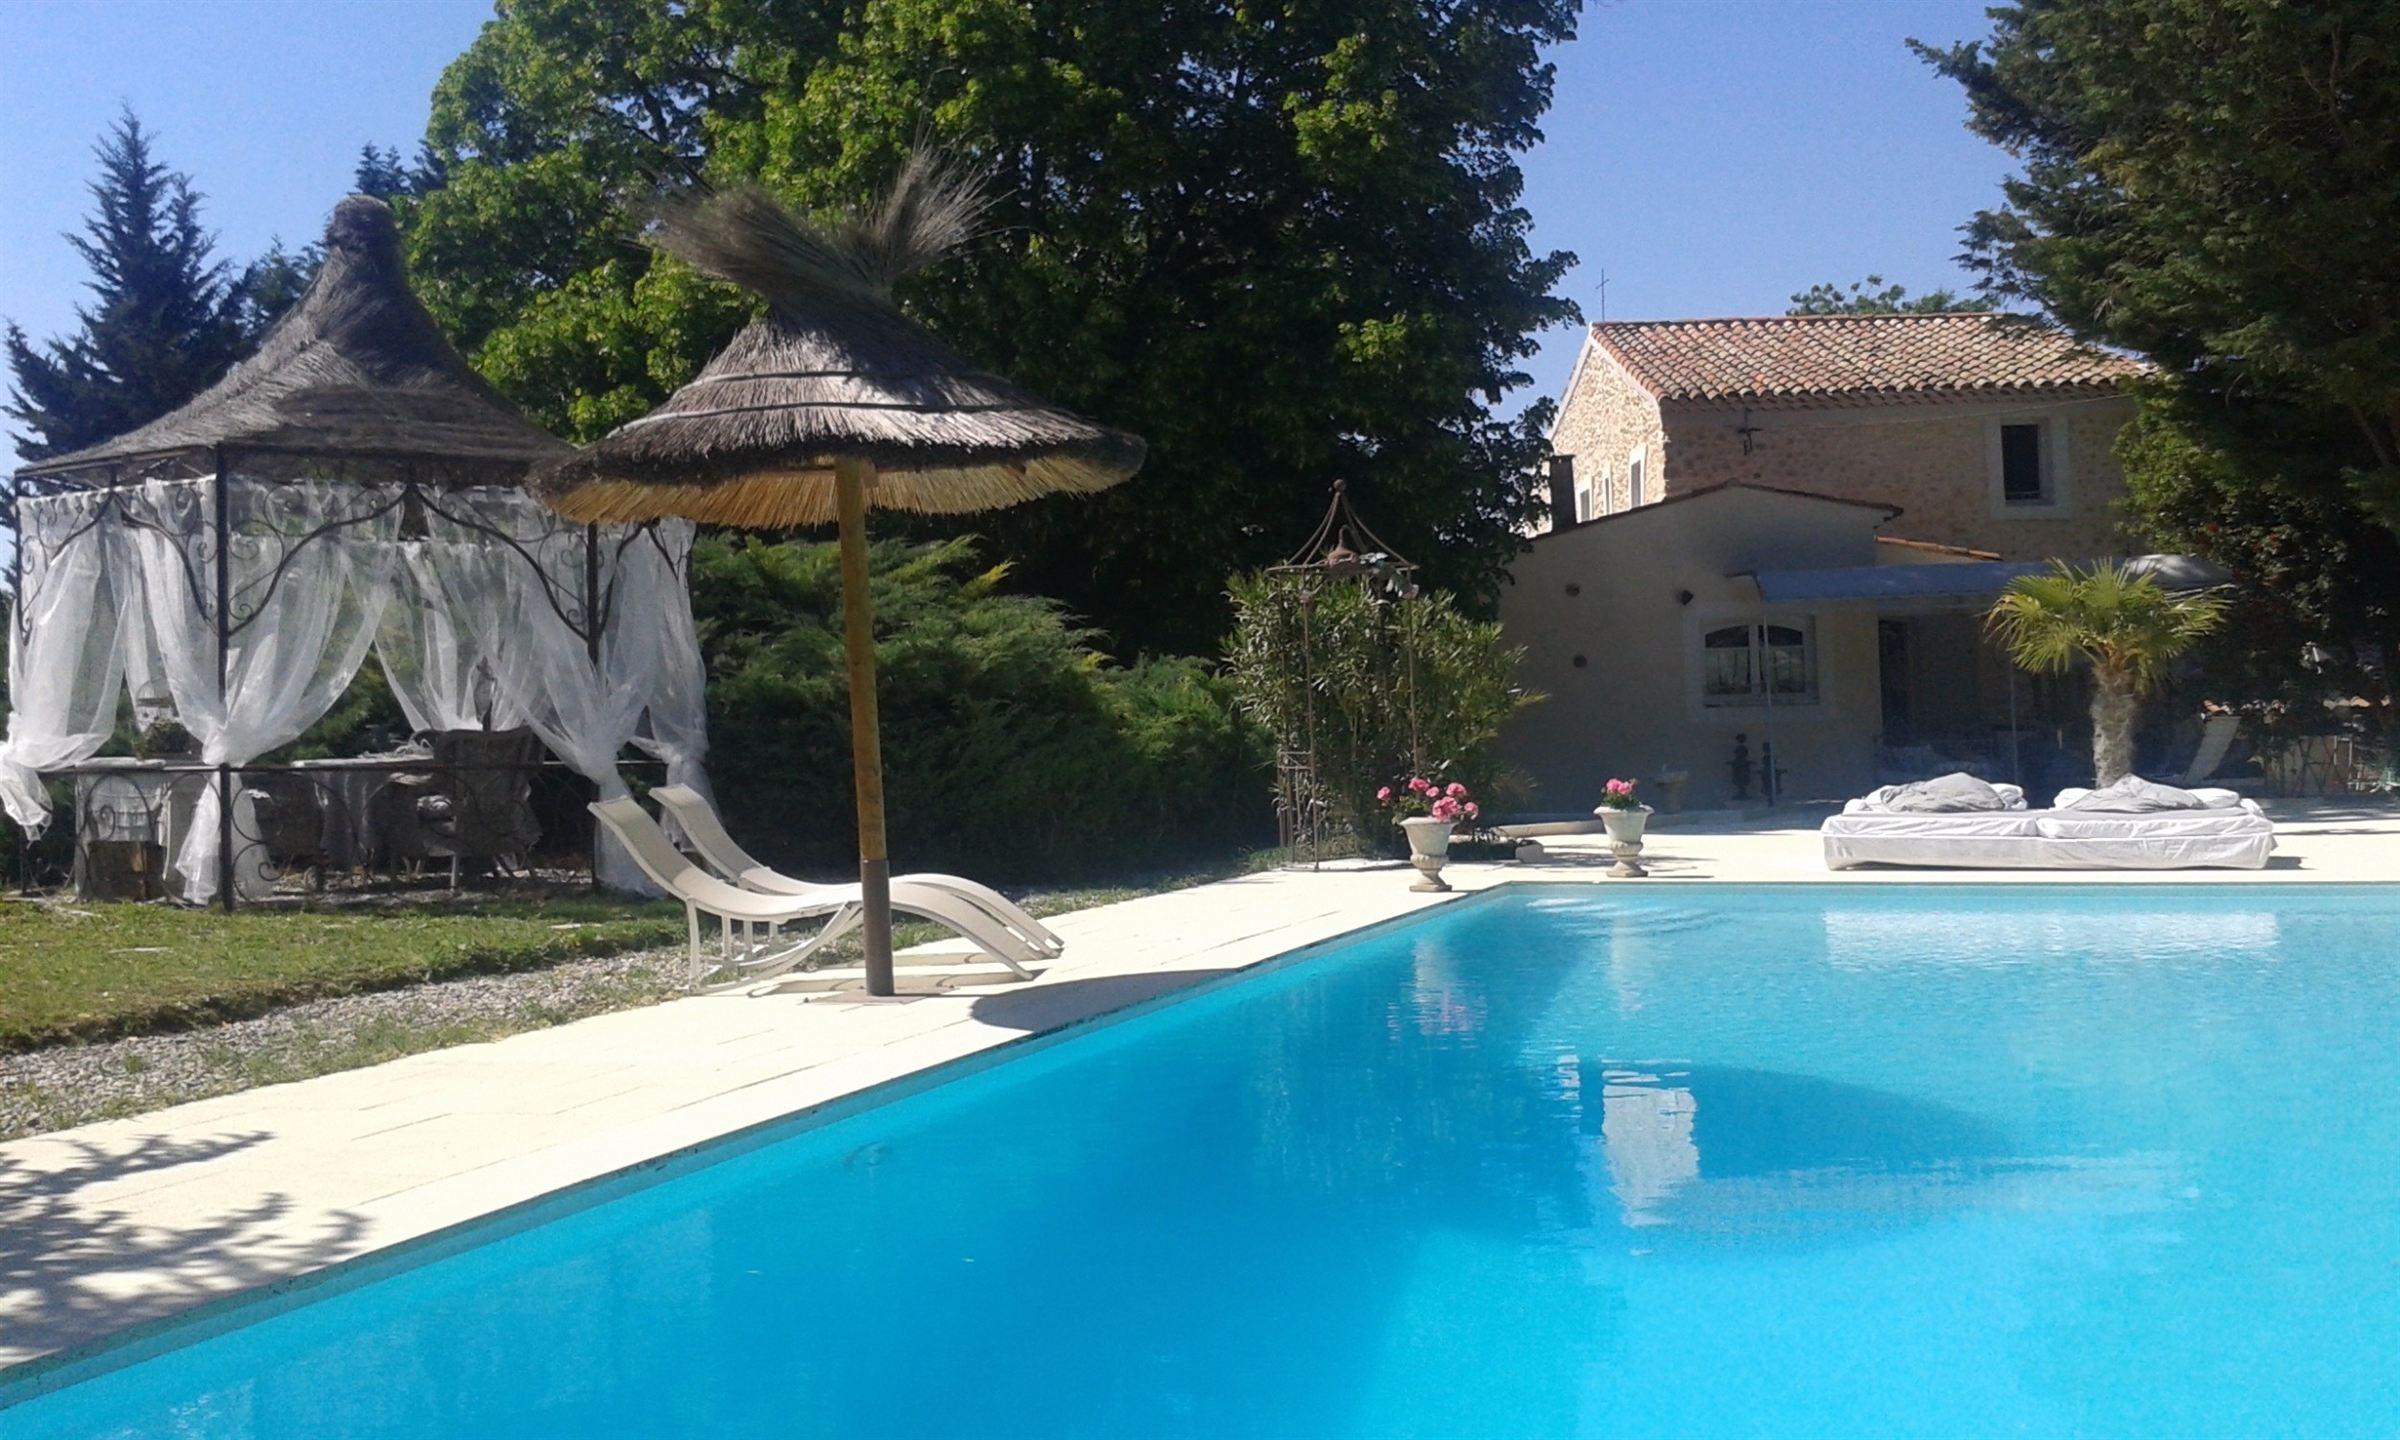 Частный односемейный дом для того Продажа на Cabriès - Middle from Aix and Marseille Other Provence-Alpes-Cote D'Azur, Прованс-Альпы-Лазурный Берег, 13100 Франция